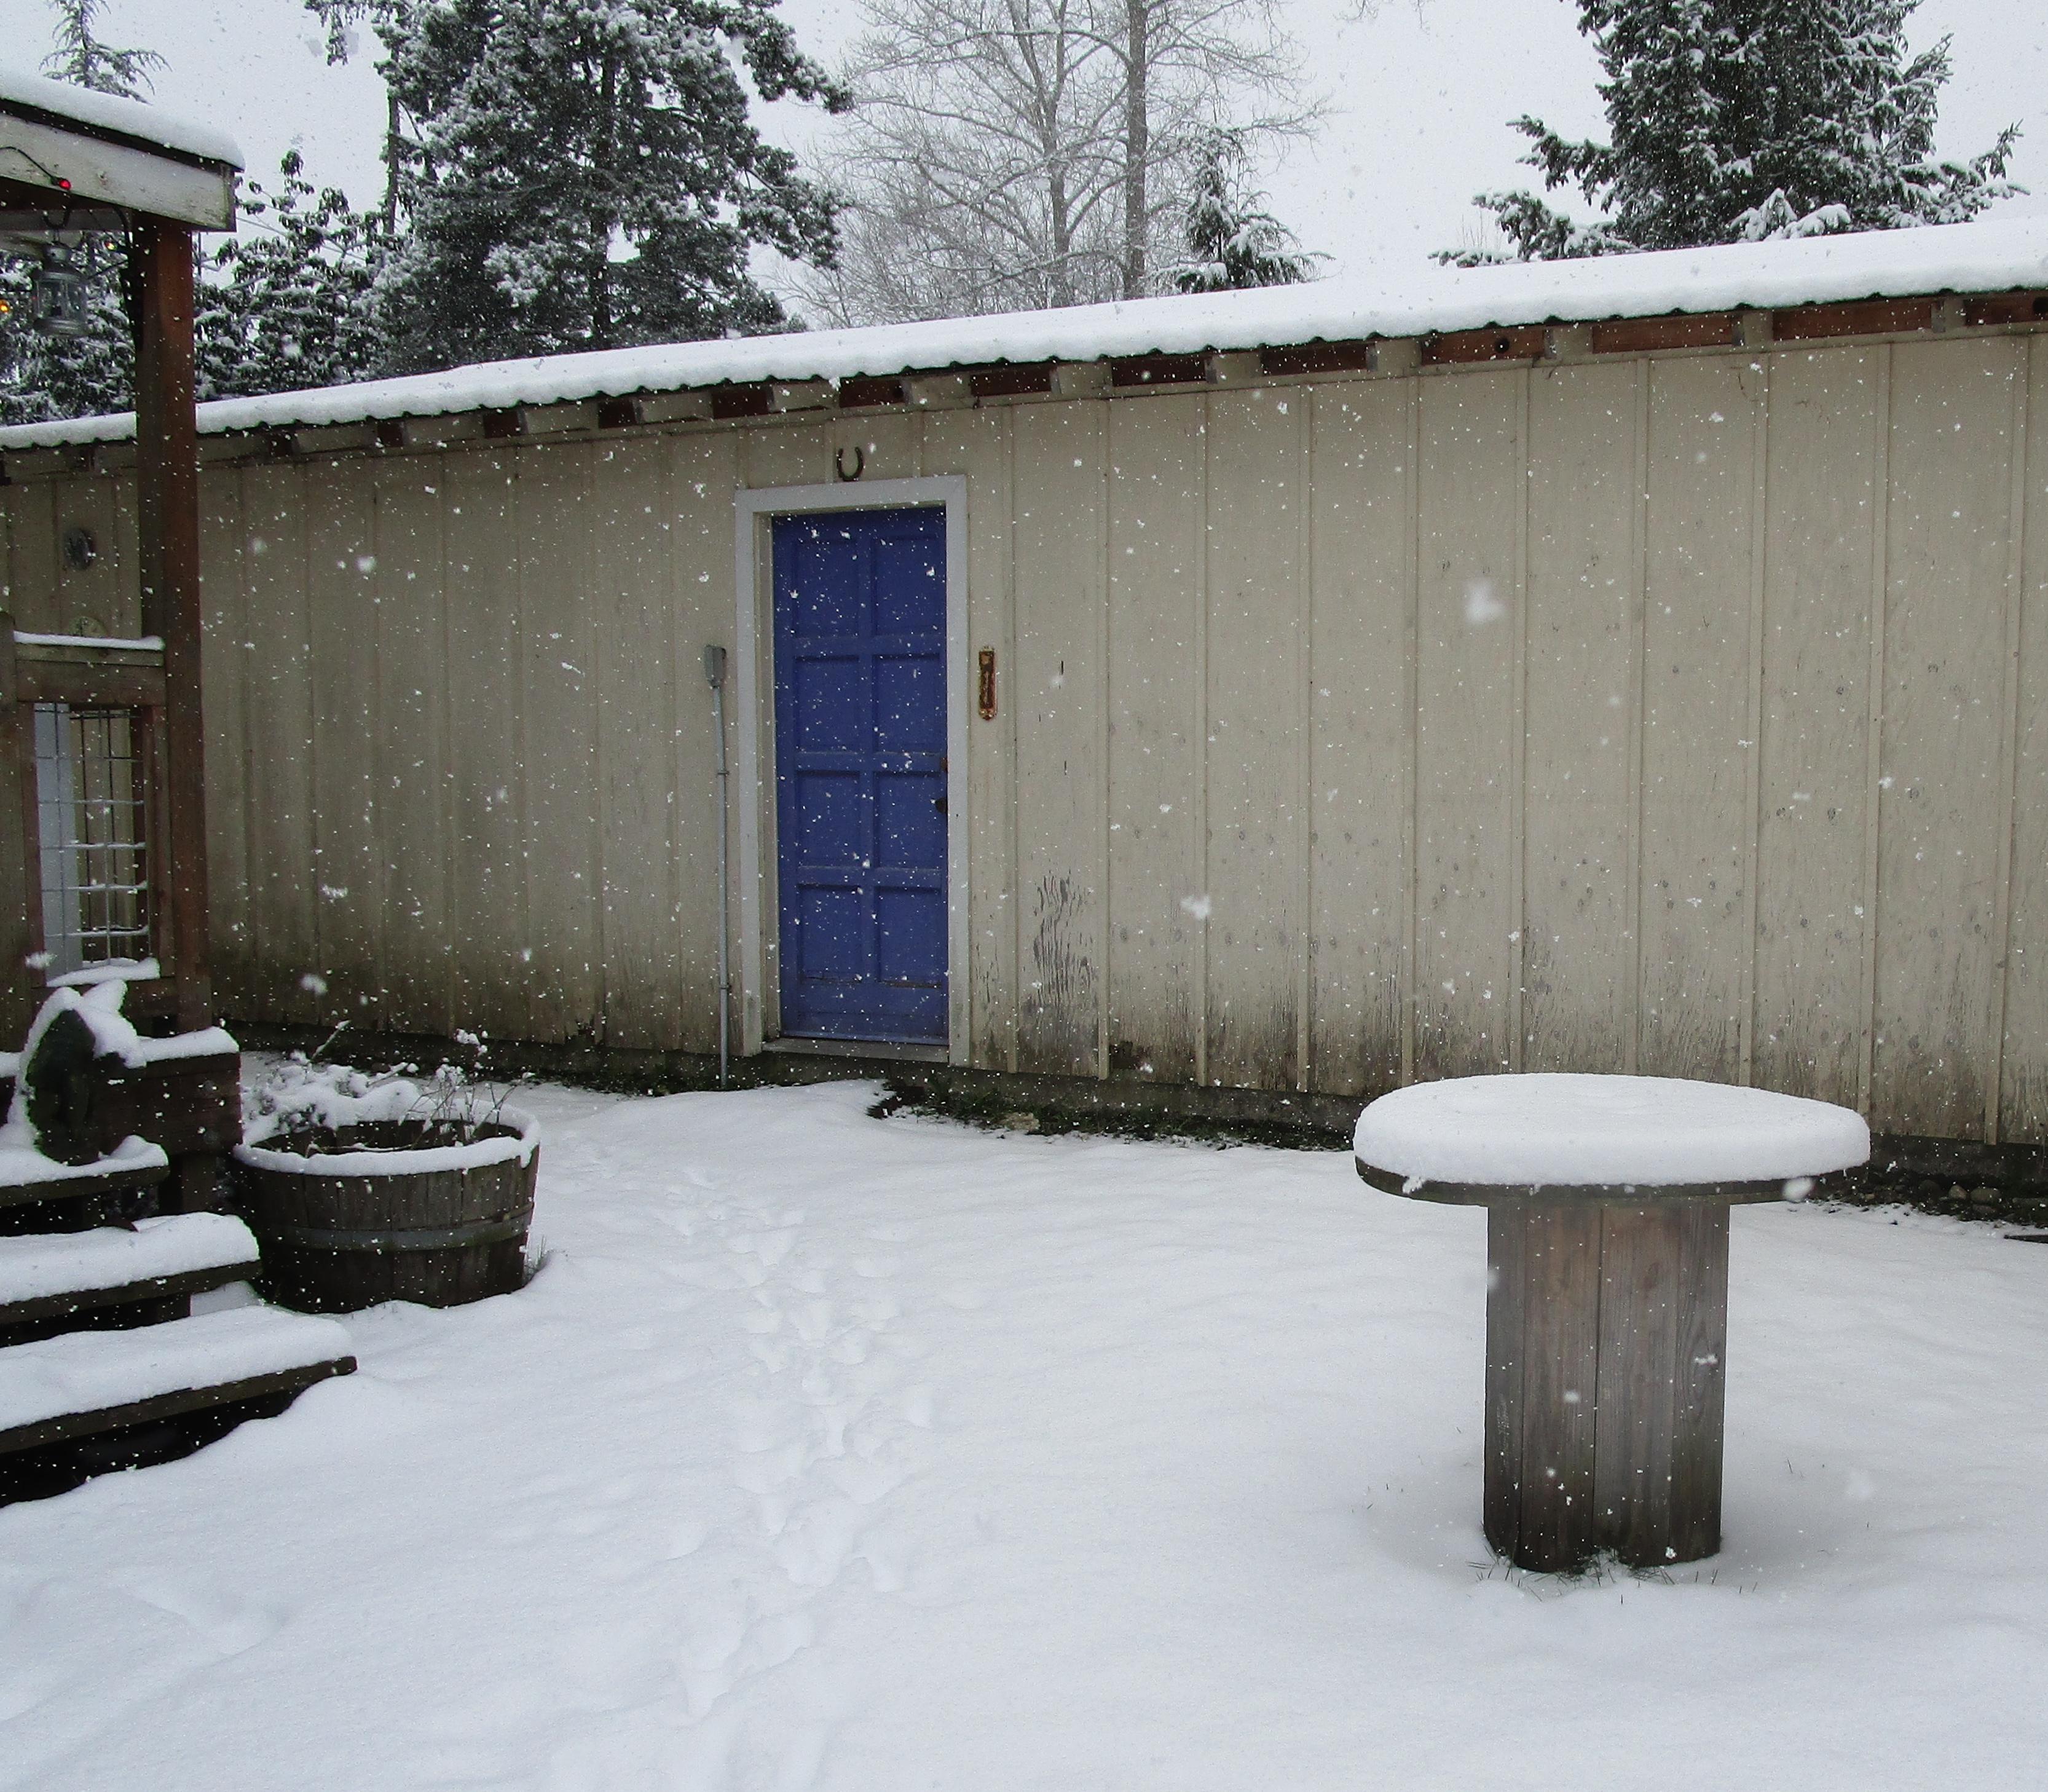 snowy spool